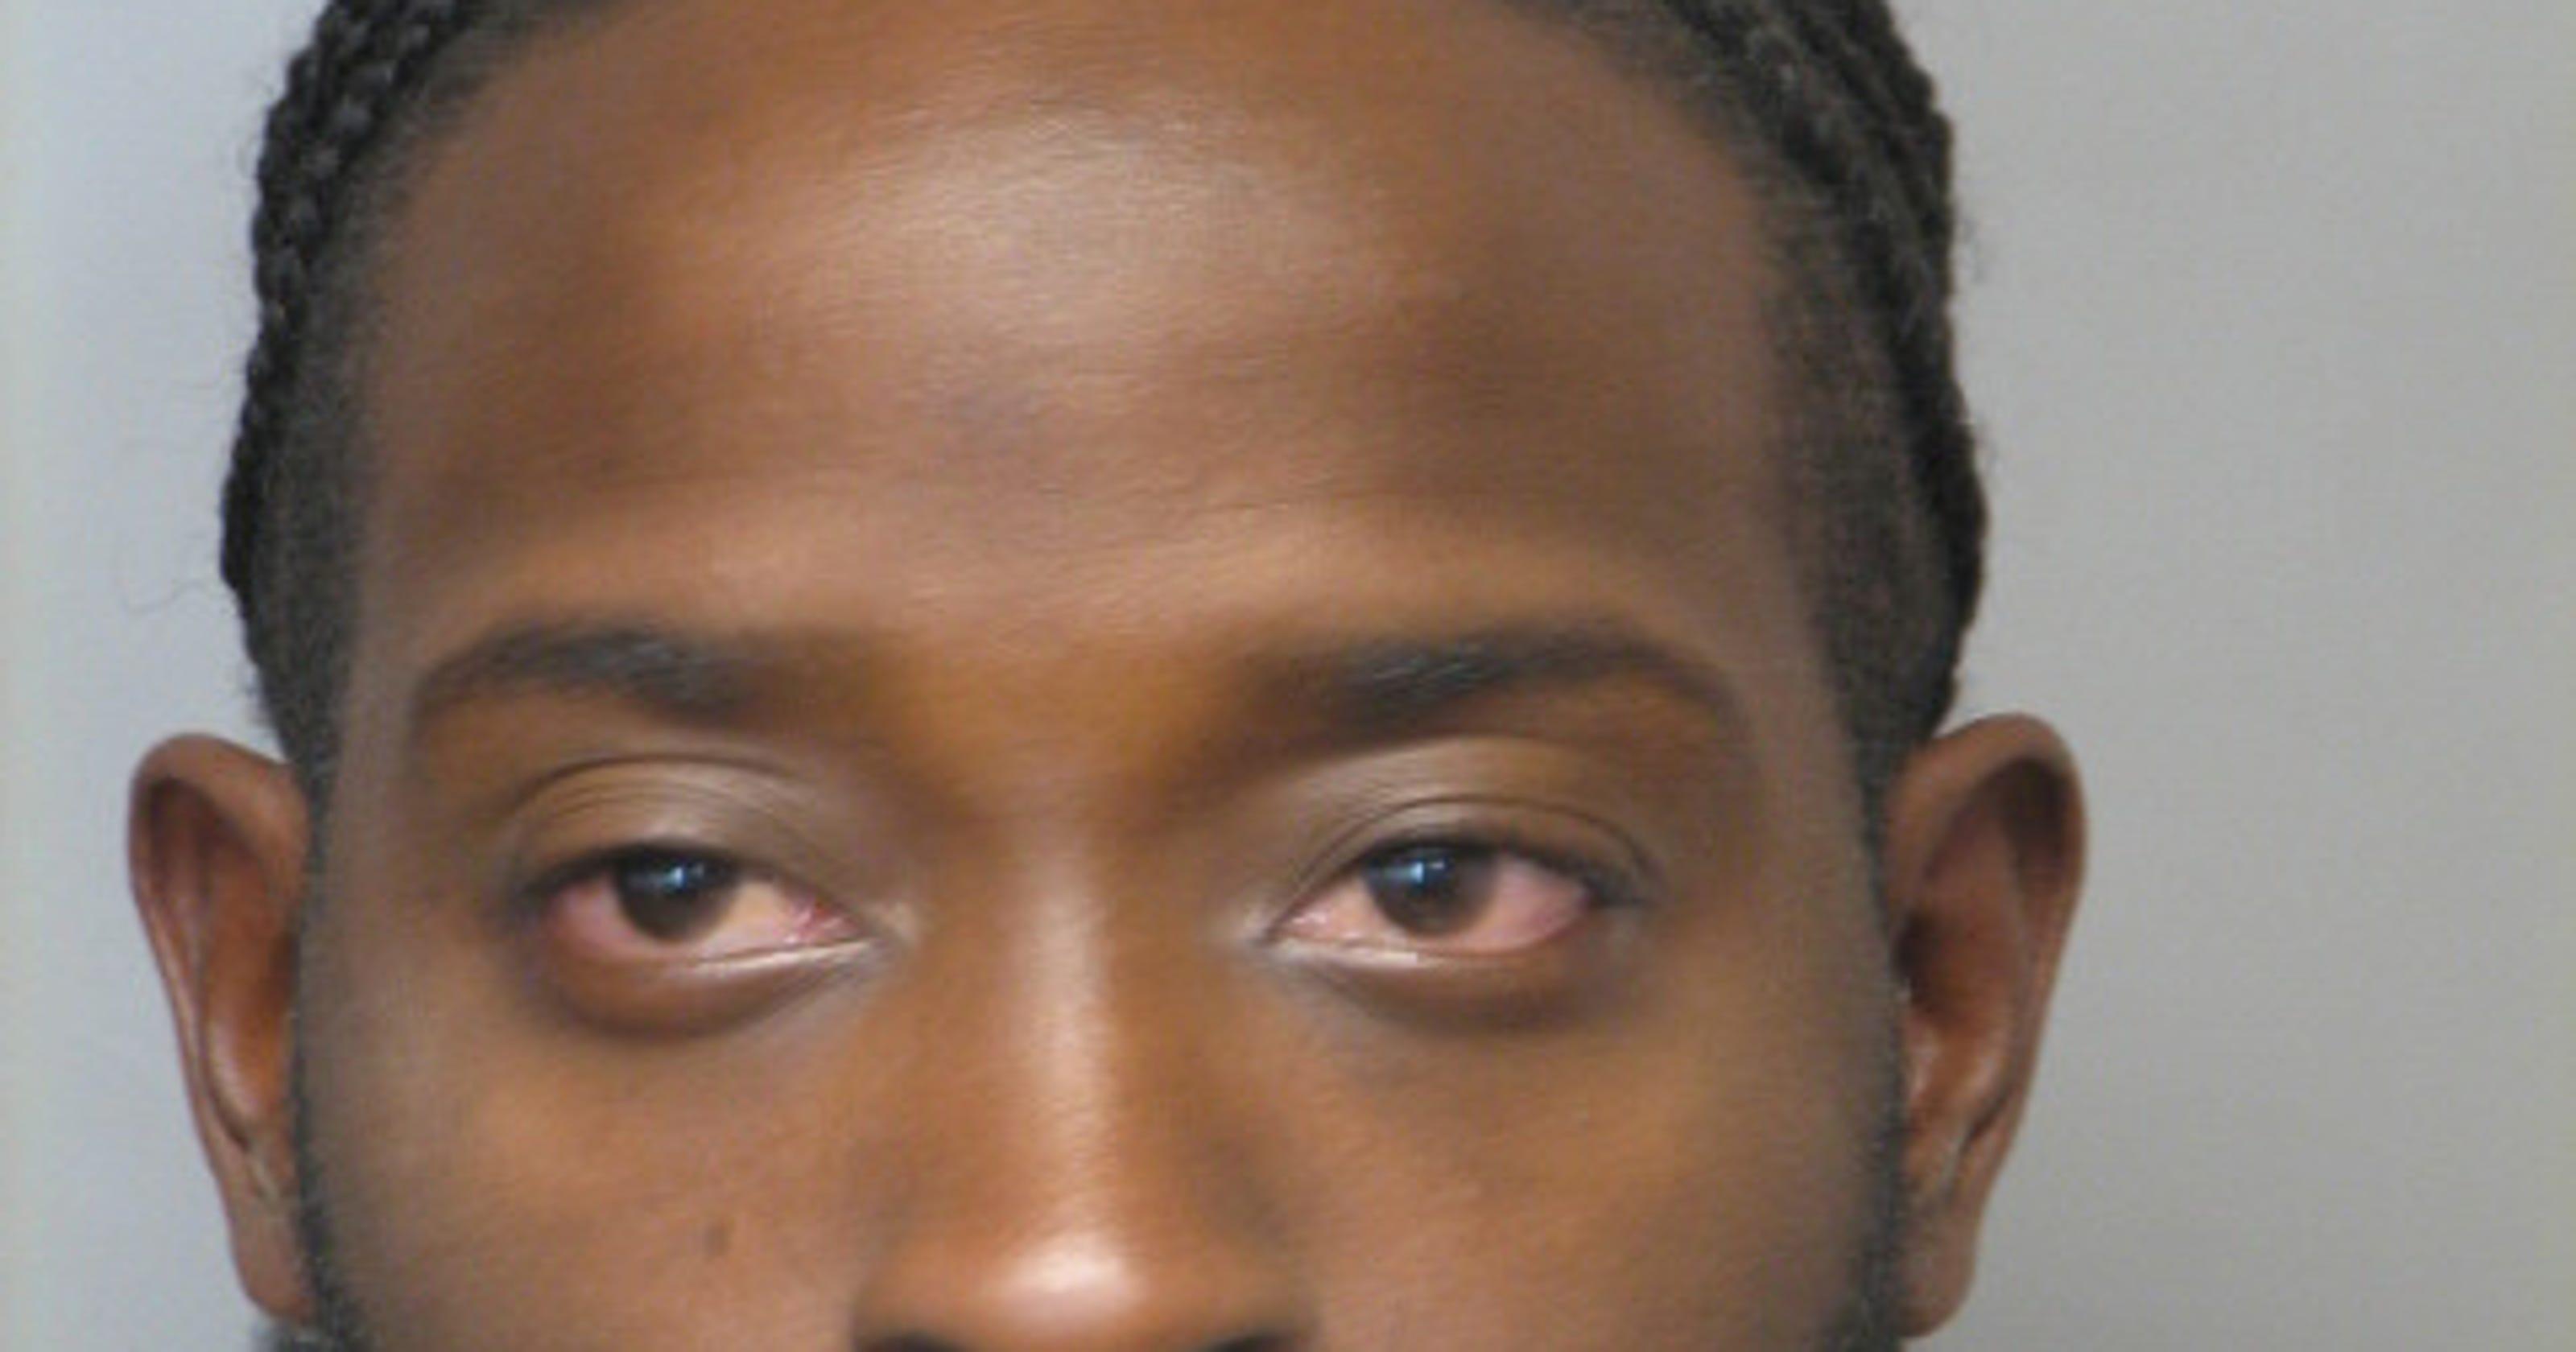 2 men charged in Elsmere drug investigation